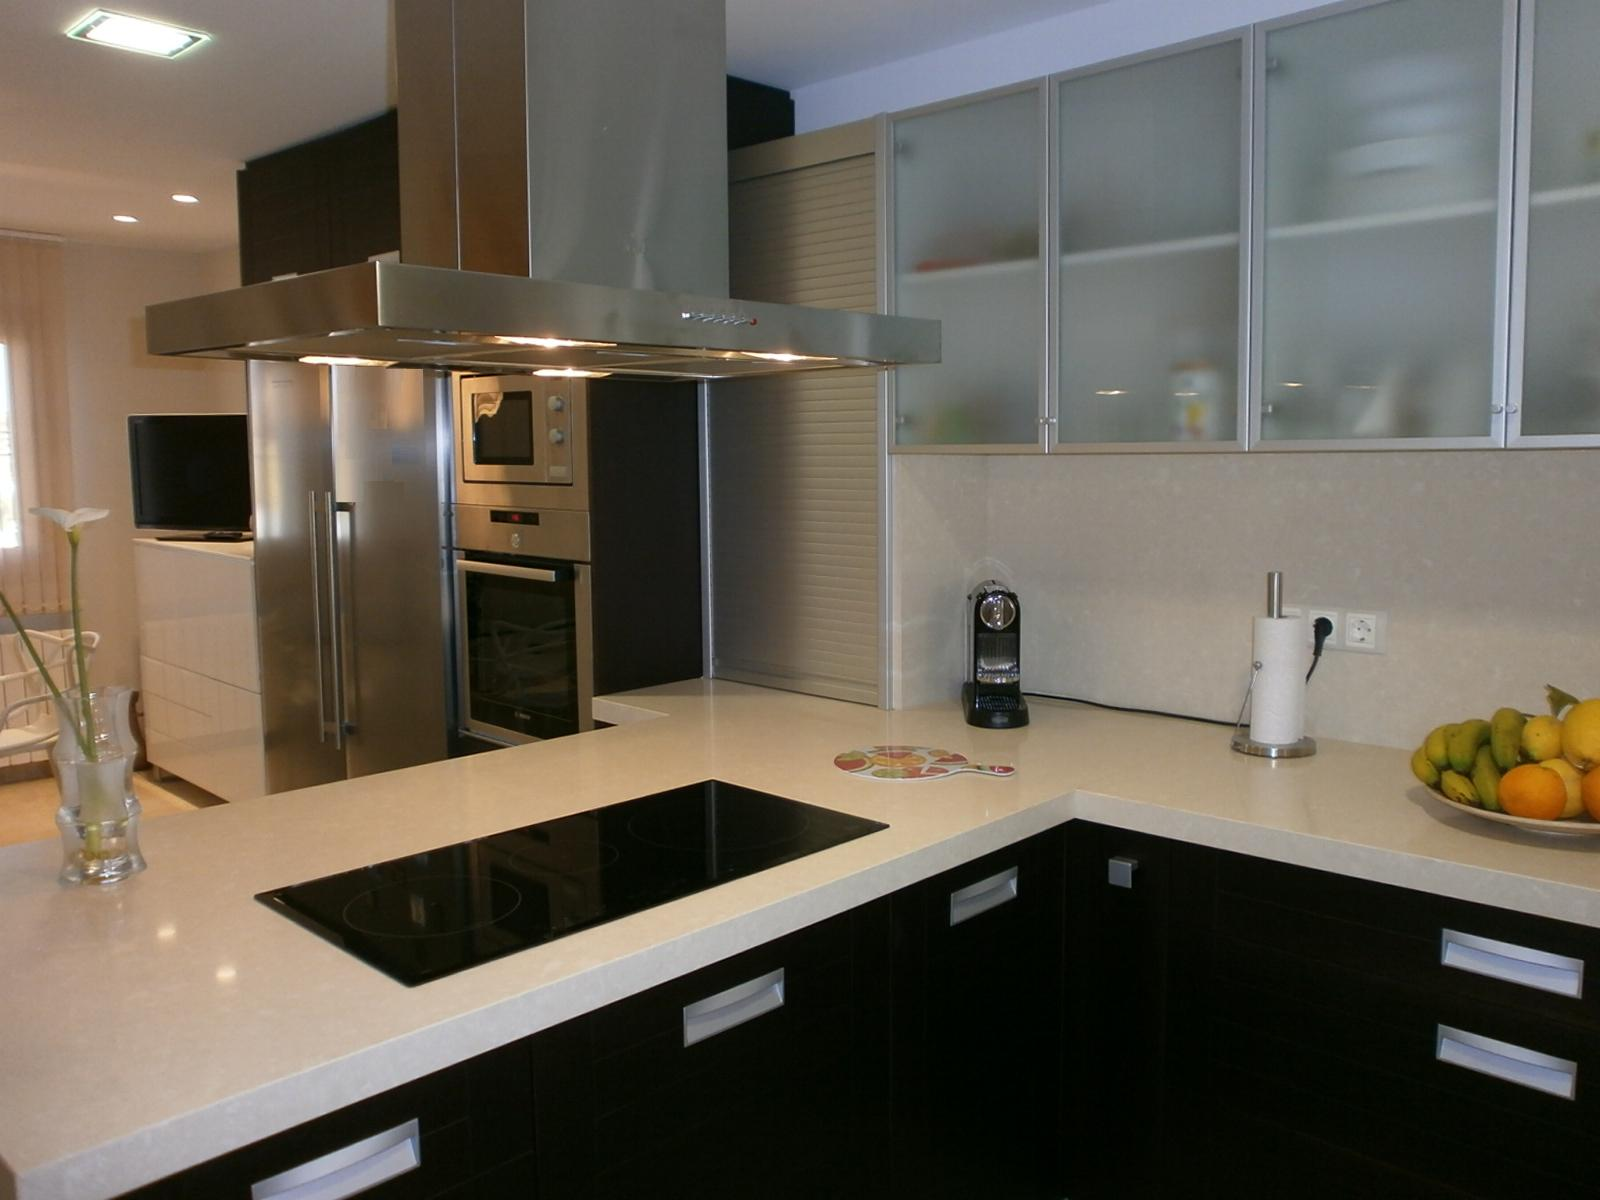 El wengu y la madera oscura en la cocina cocinas con estilo - Cocinas con encimeras de madera ...